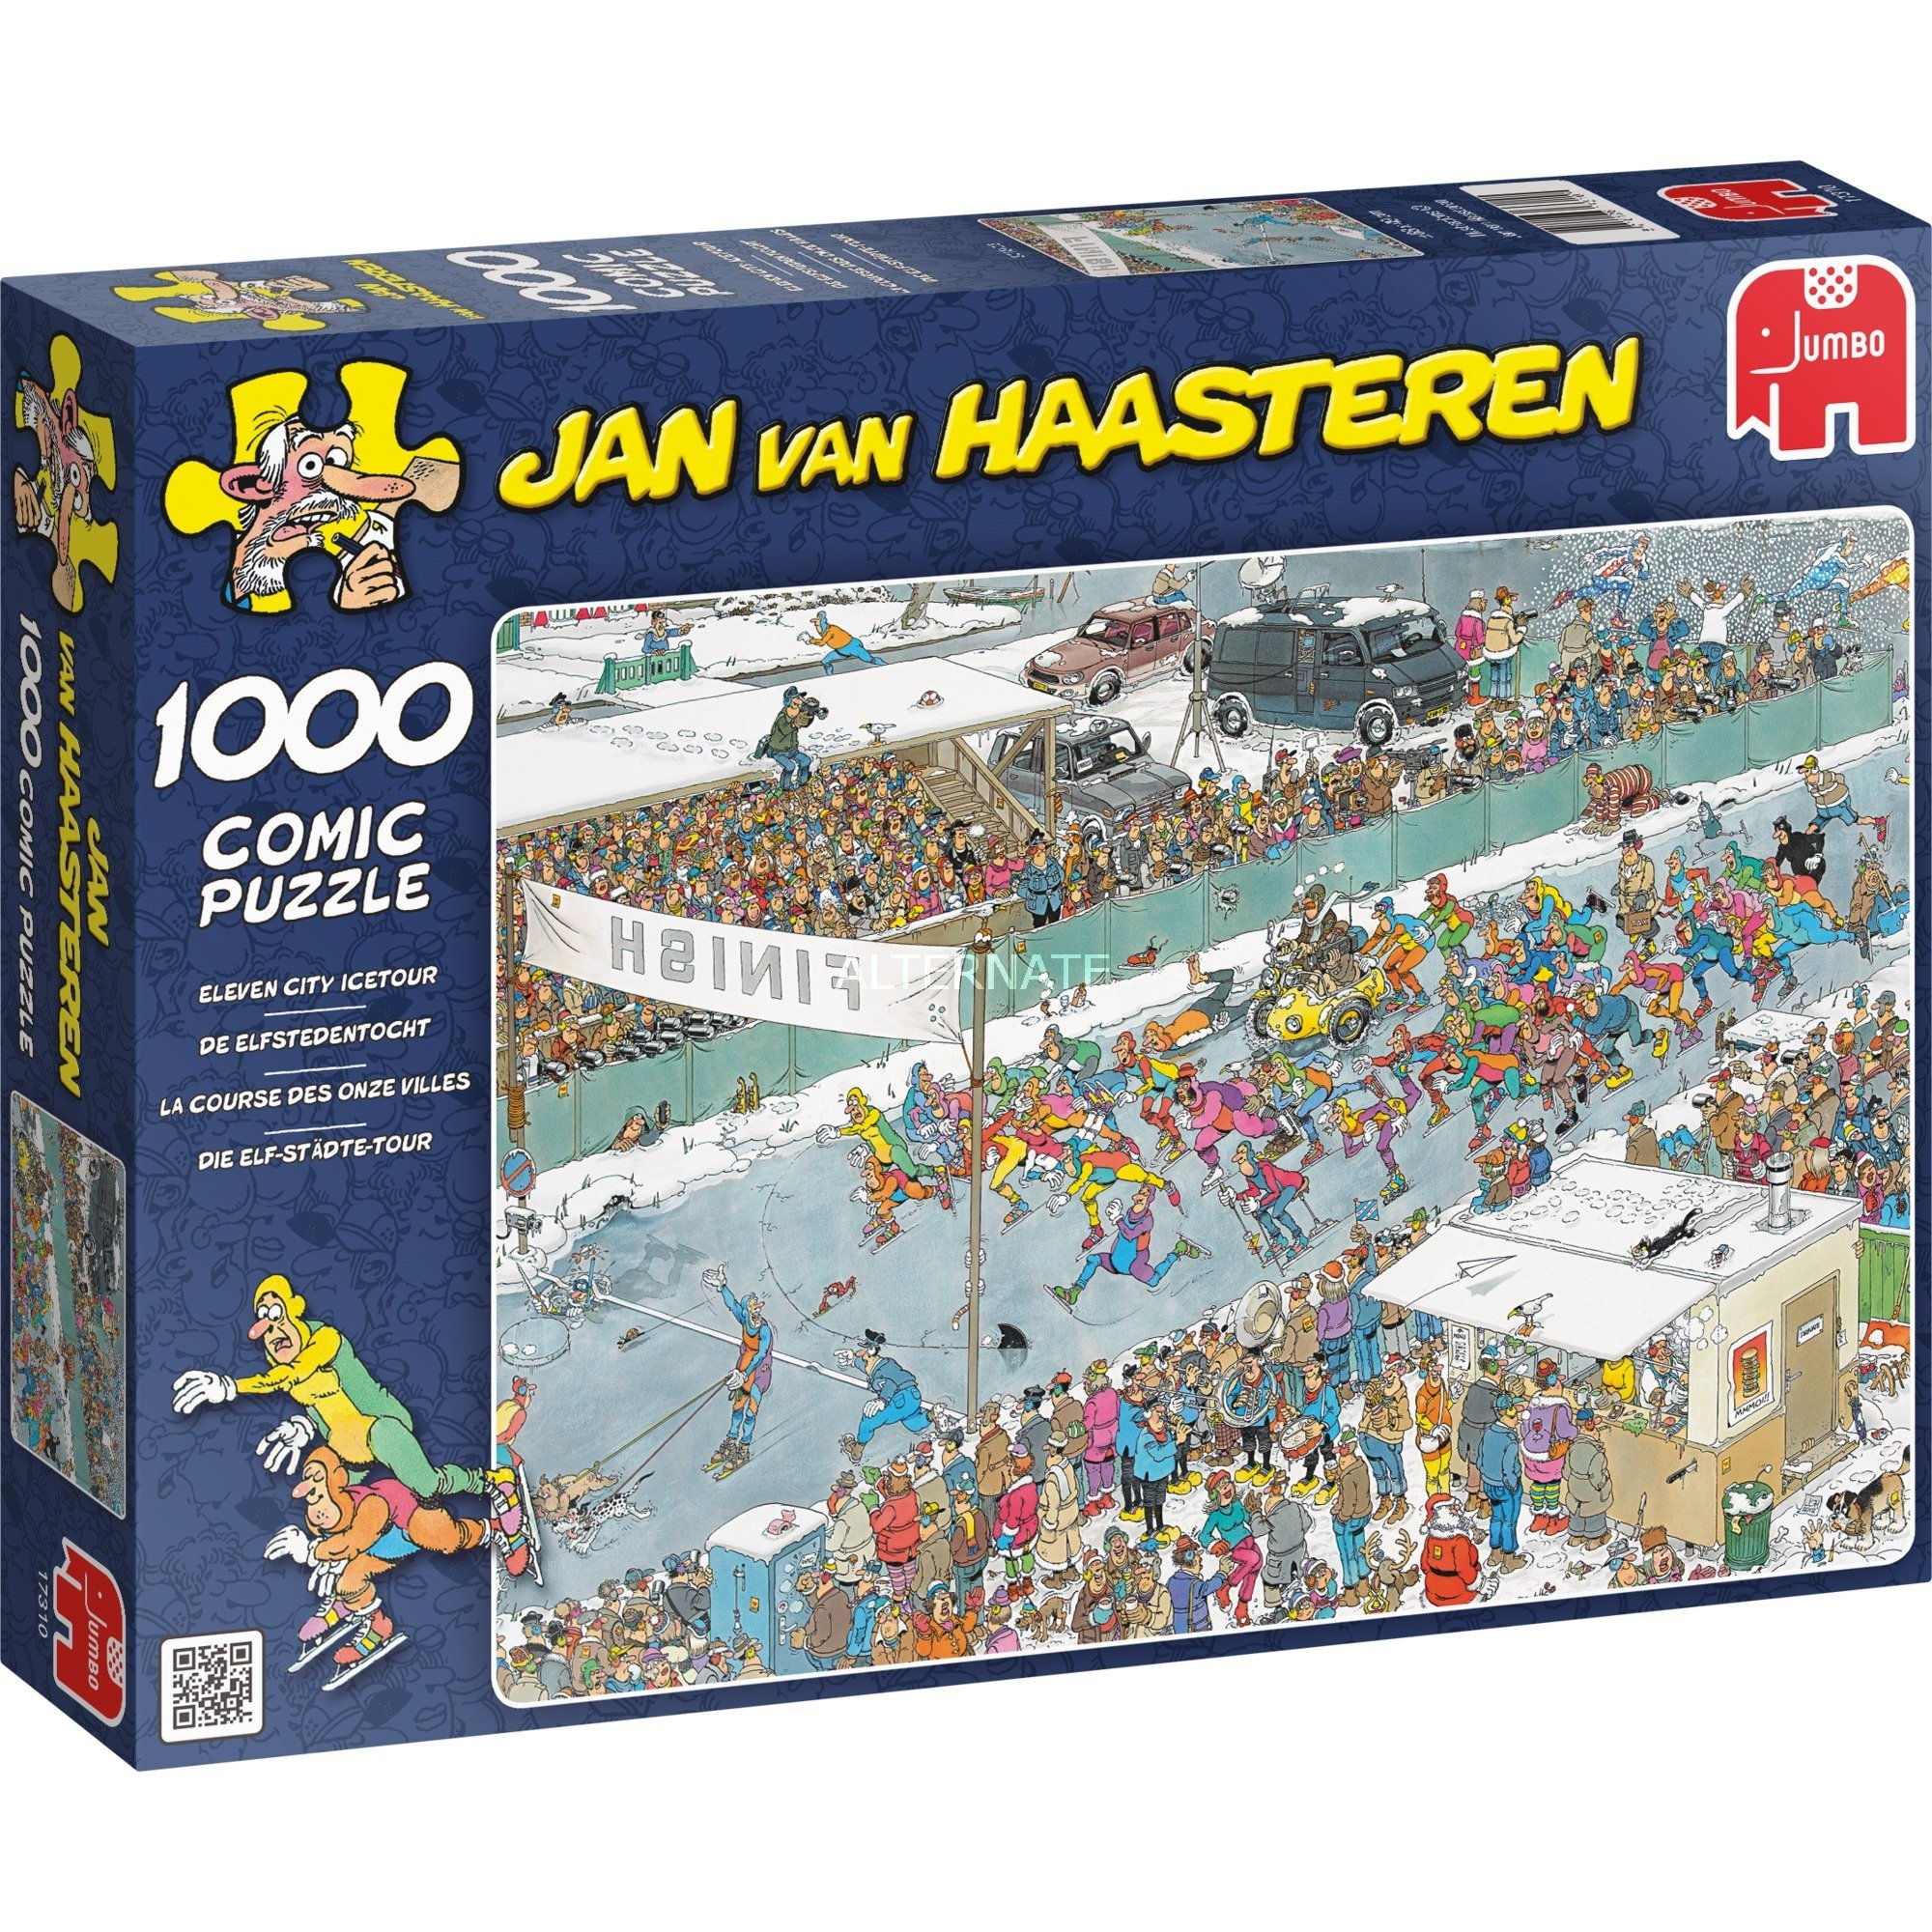 Jan van Haasteren: Puzzle La course des onze villes